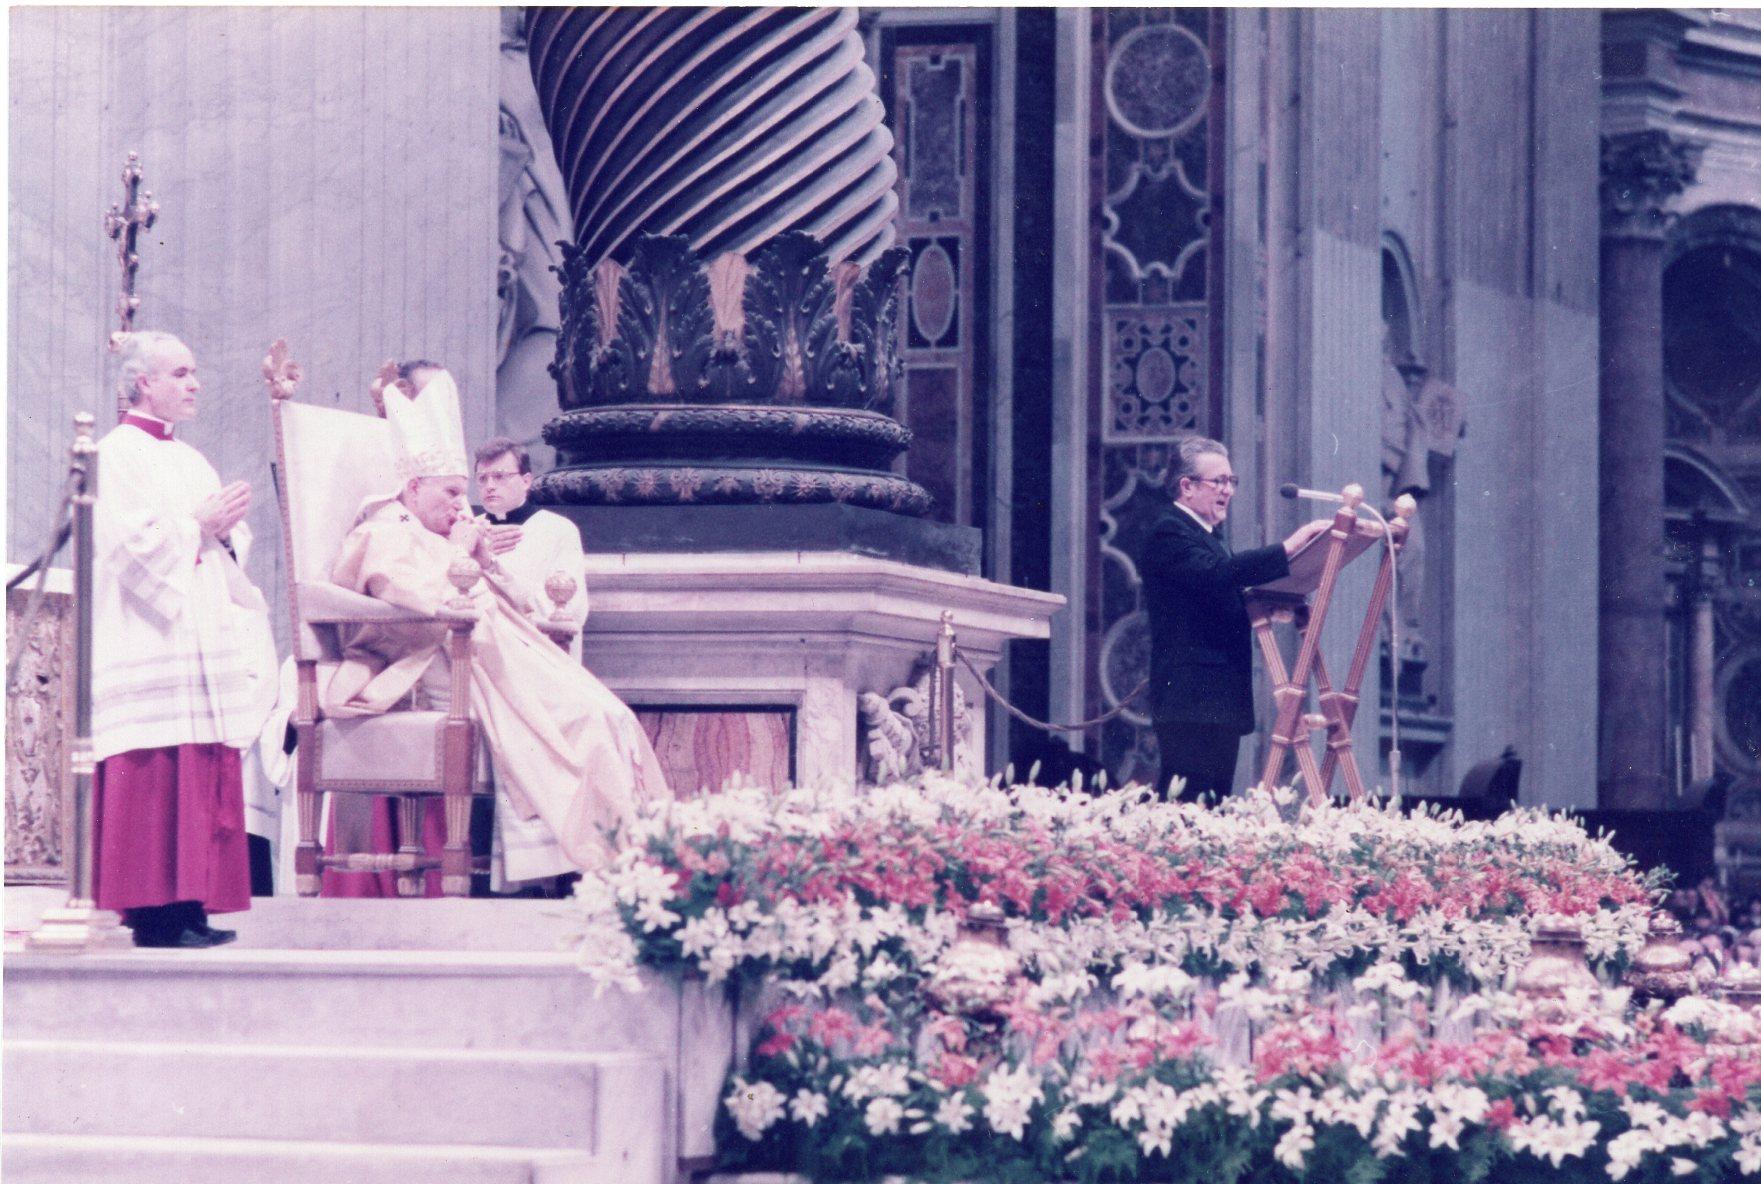 V. Volertas kalba Vatikane, Šv. Petro bazilikoje stebint popiežiui Jonui Pauliui II. 1984 m. kovo 4 d.